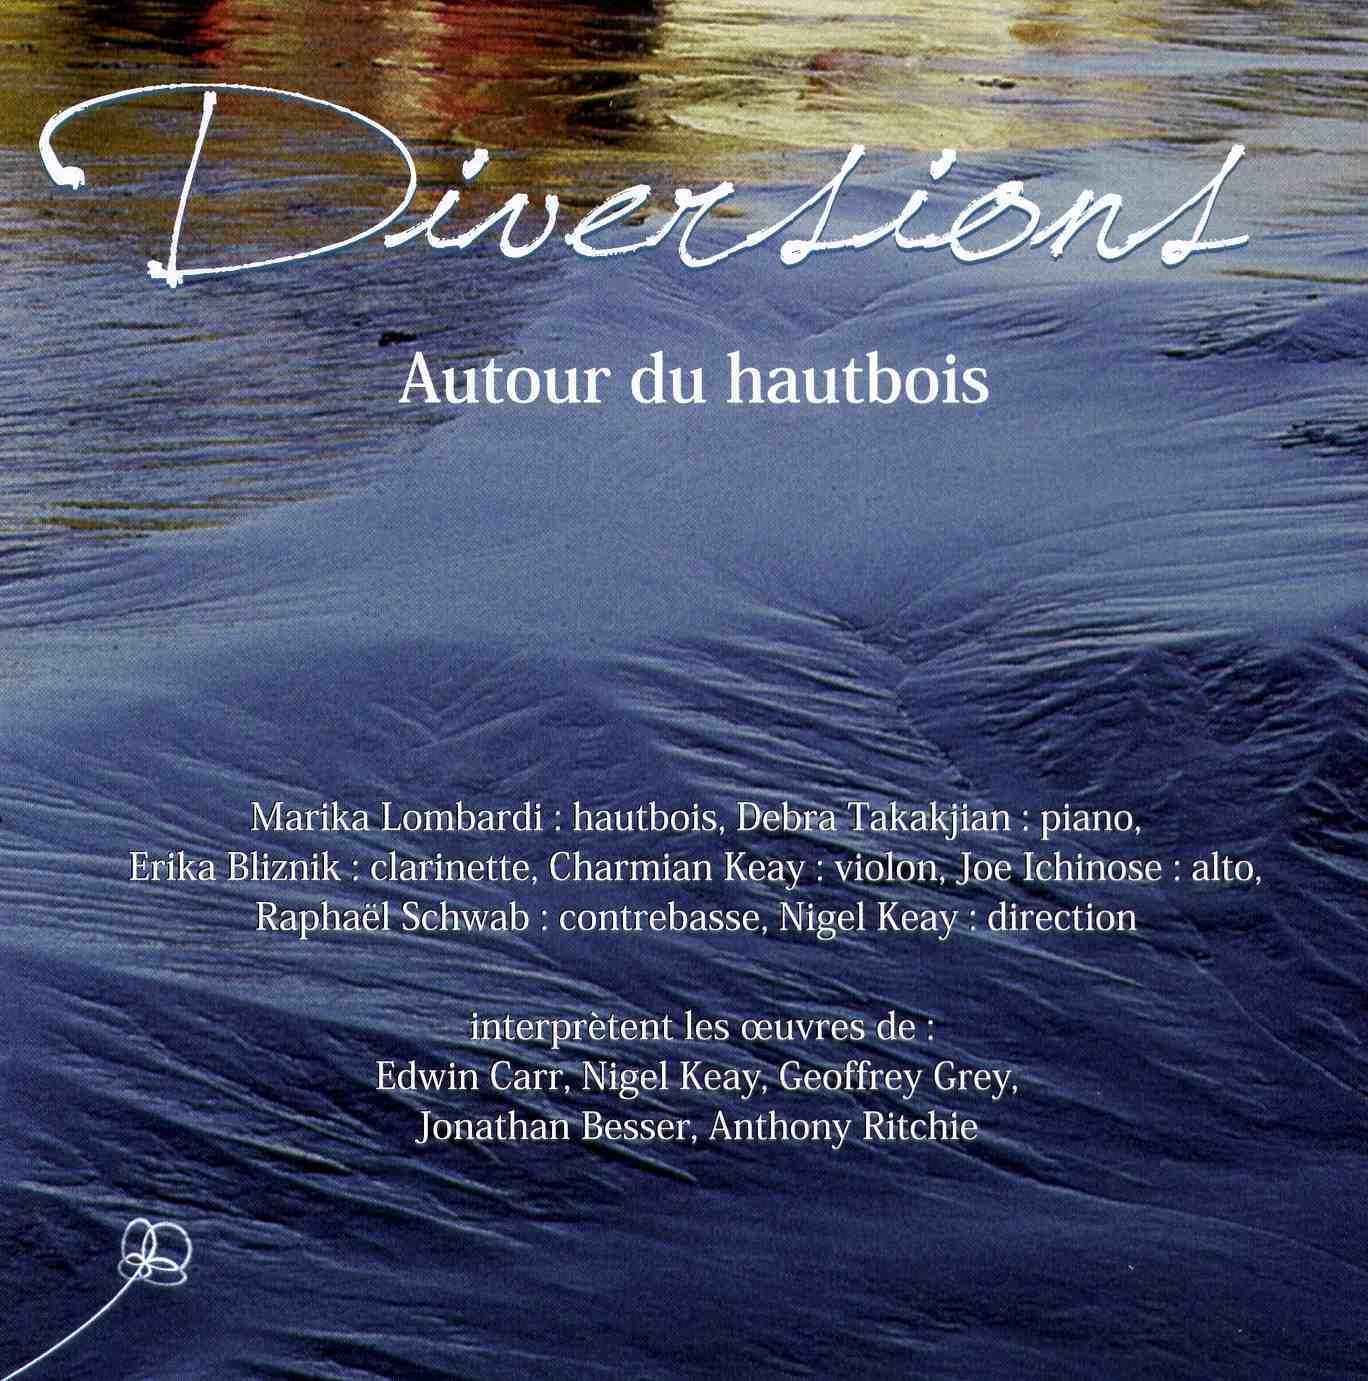 Diversions | Autour du hautbois - CD